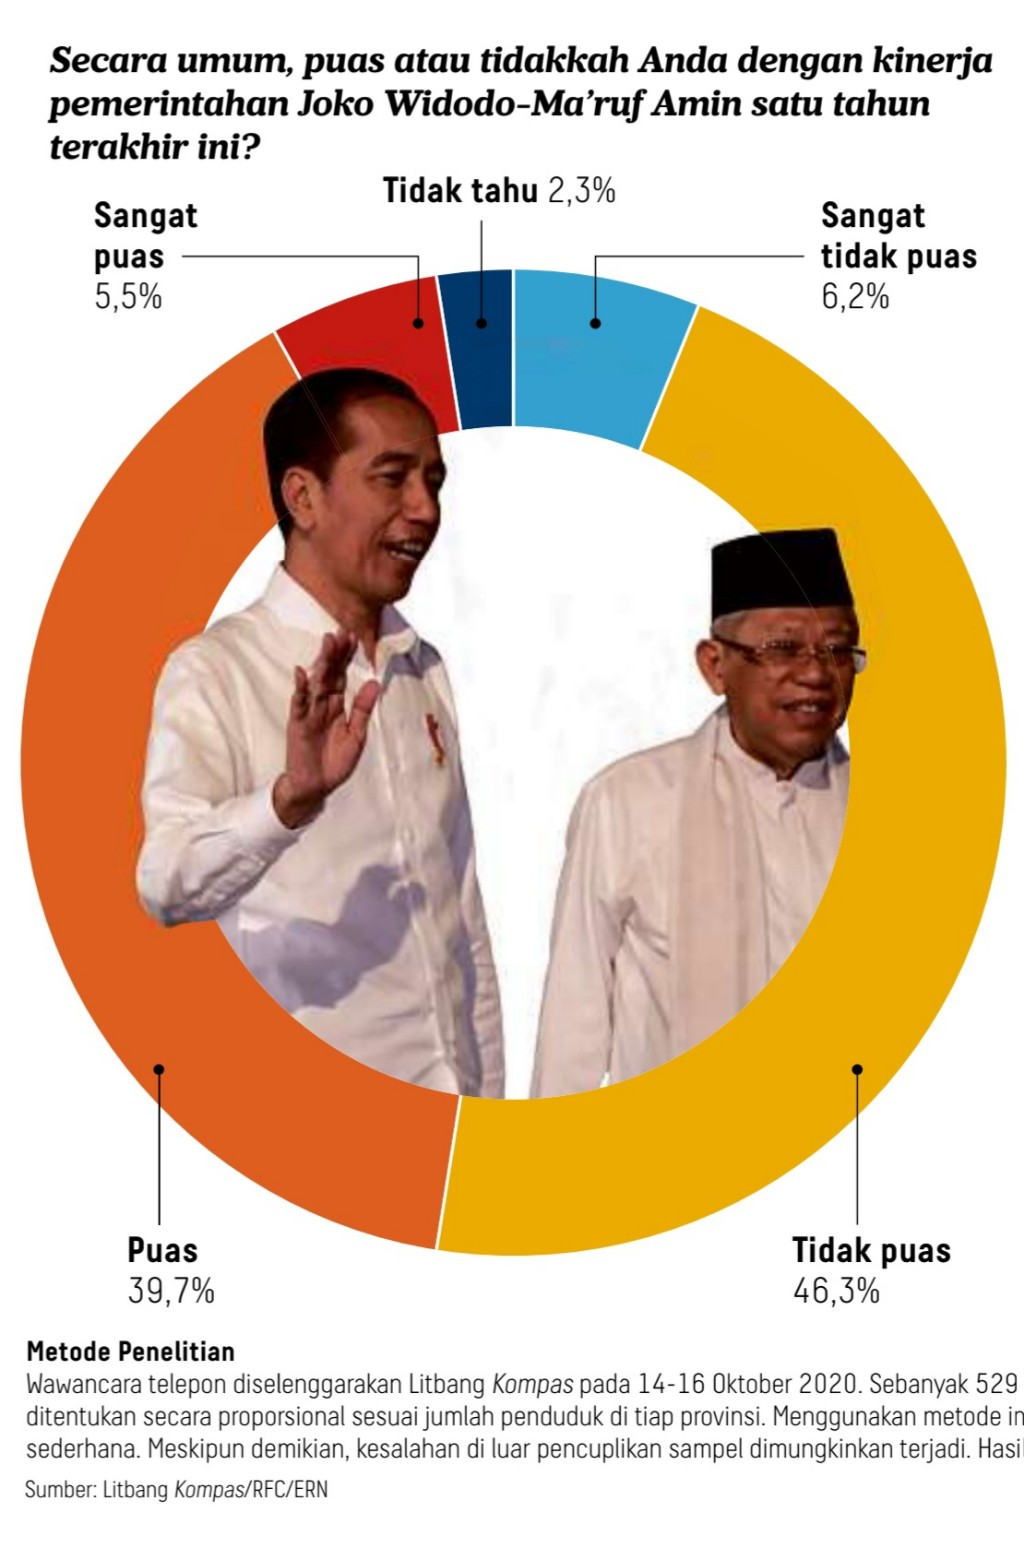 Berat bagi Jokowi, salah sendiri jadi presiden? :)